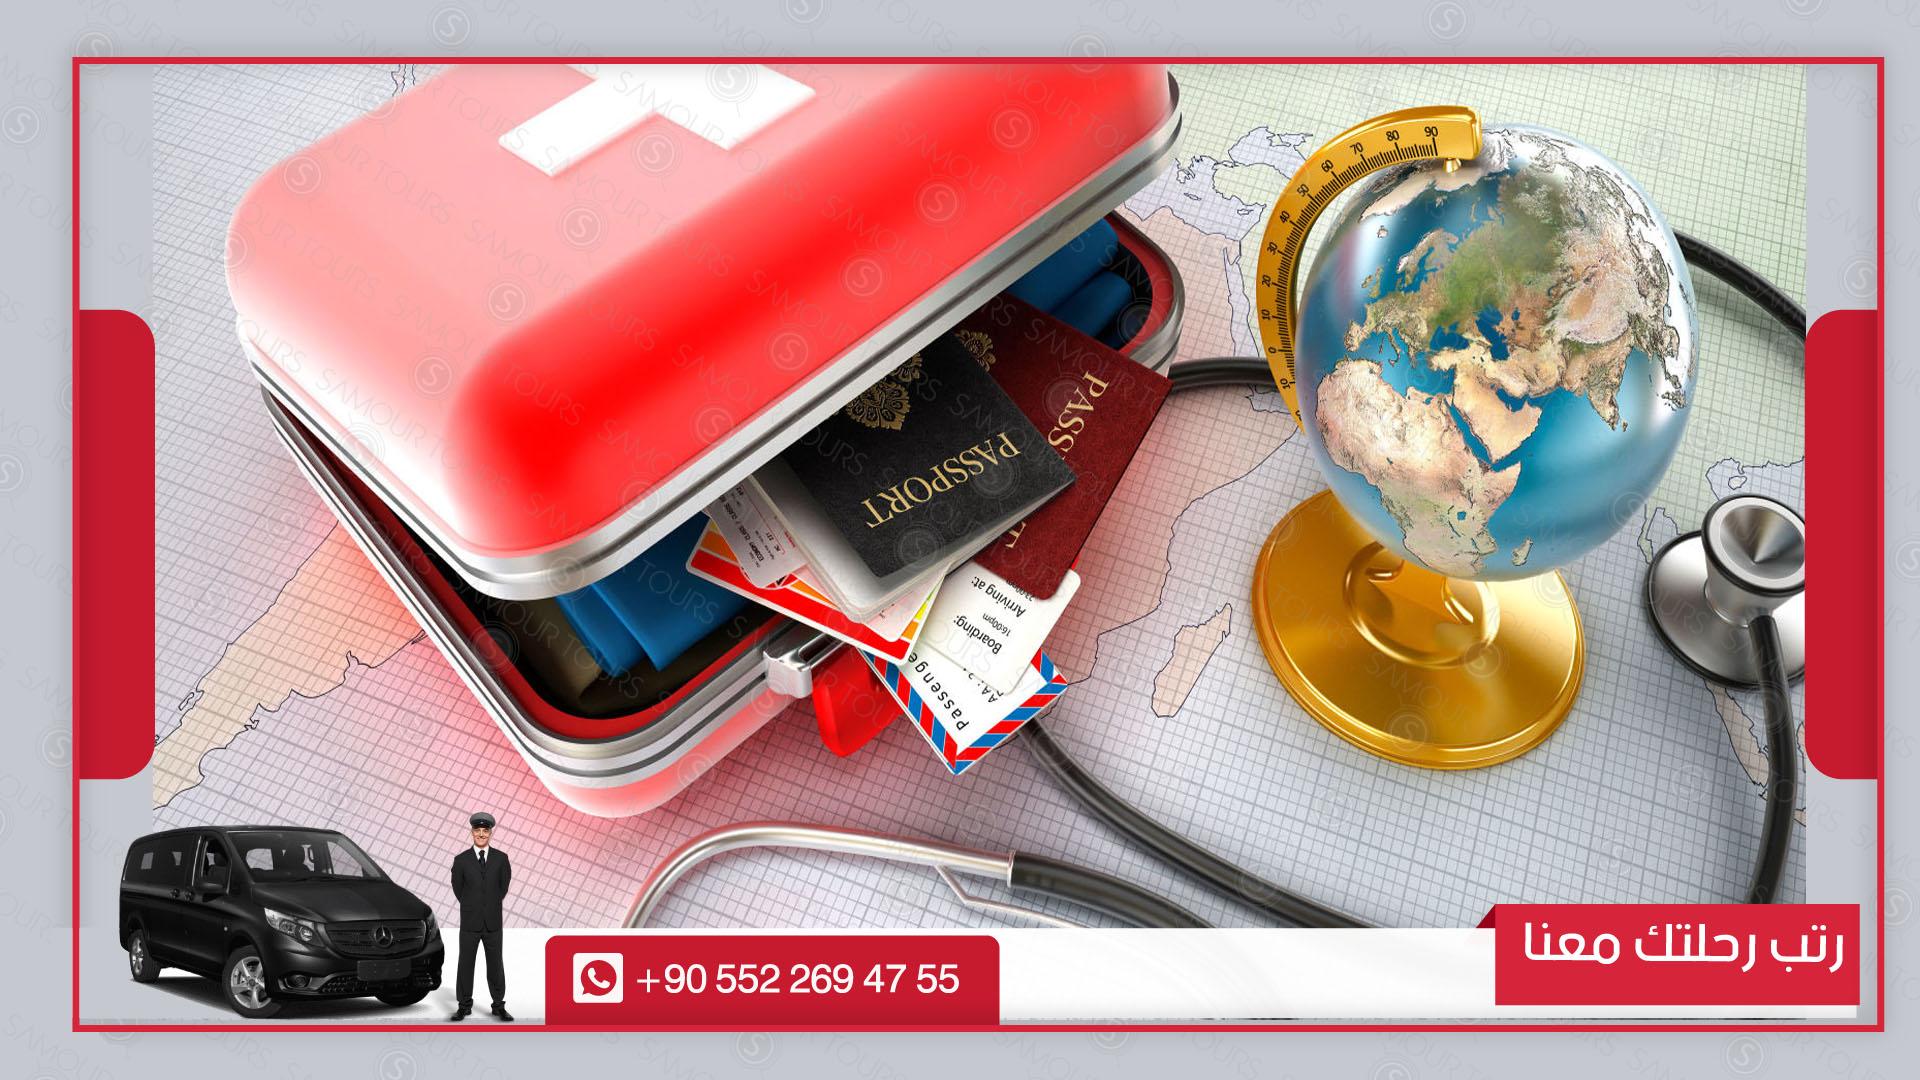 خدمات سياحية في تركيا شركة سمور السياحية